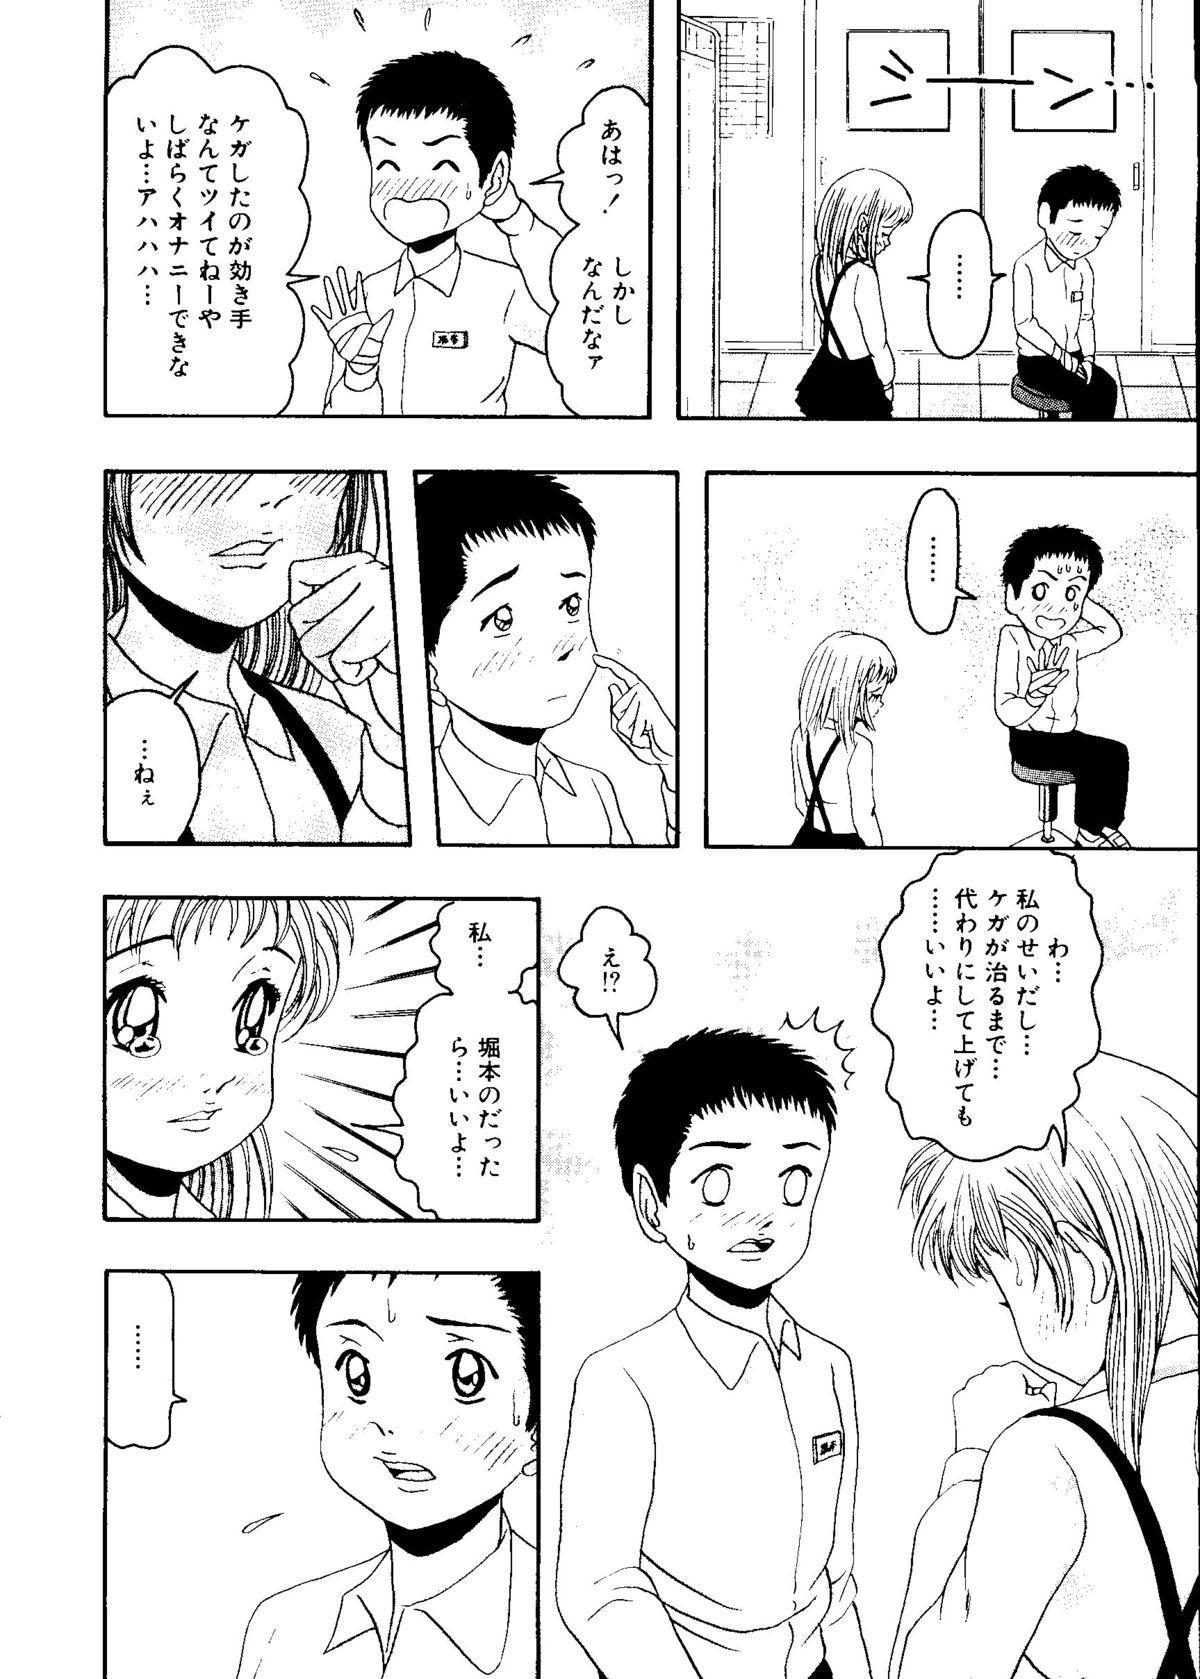 Mujirushi Youhin Vol. 7 90